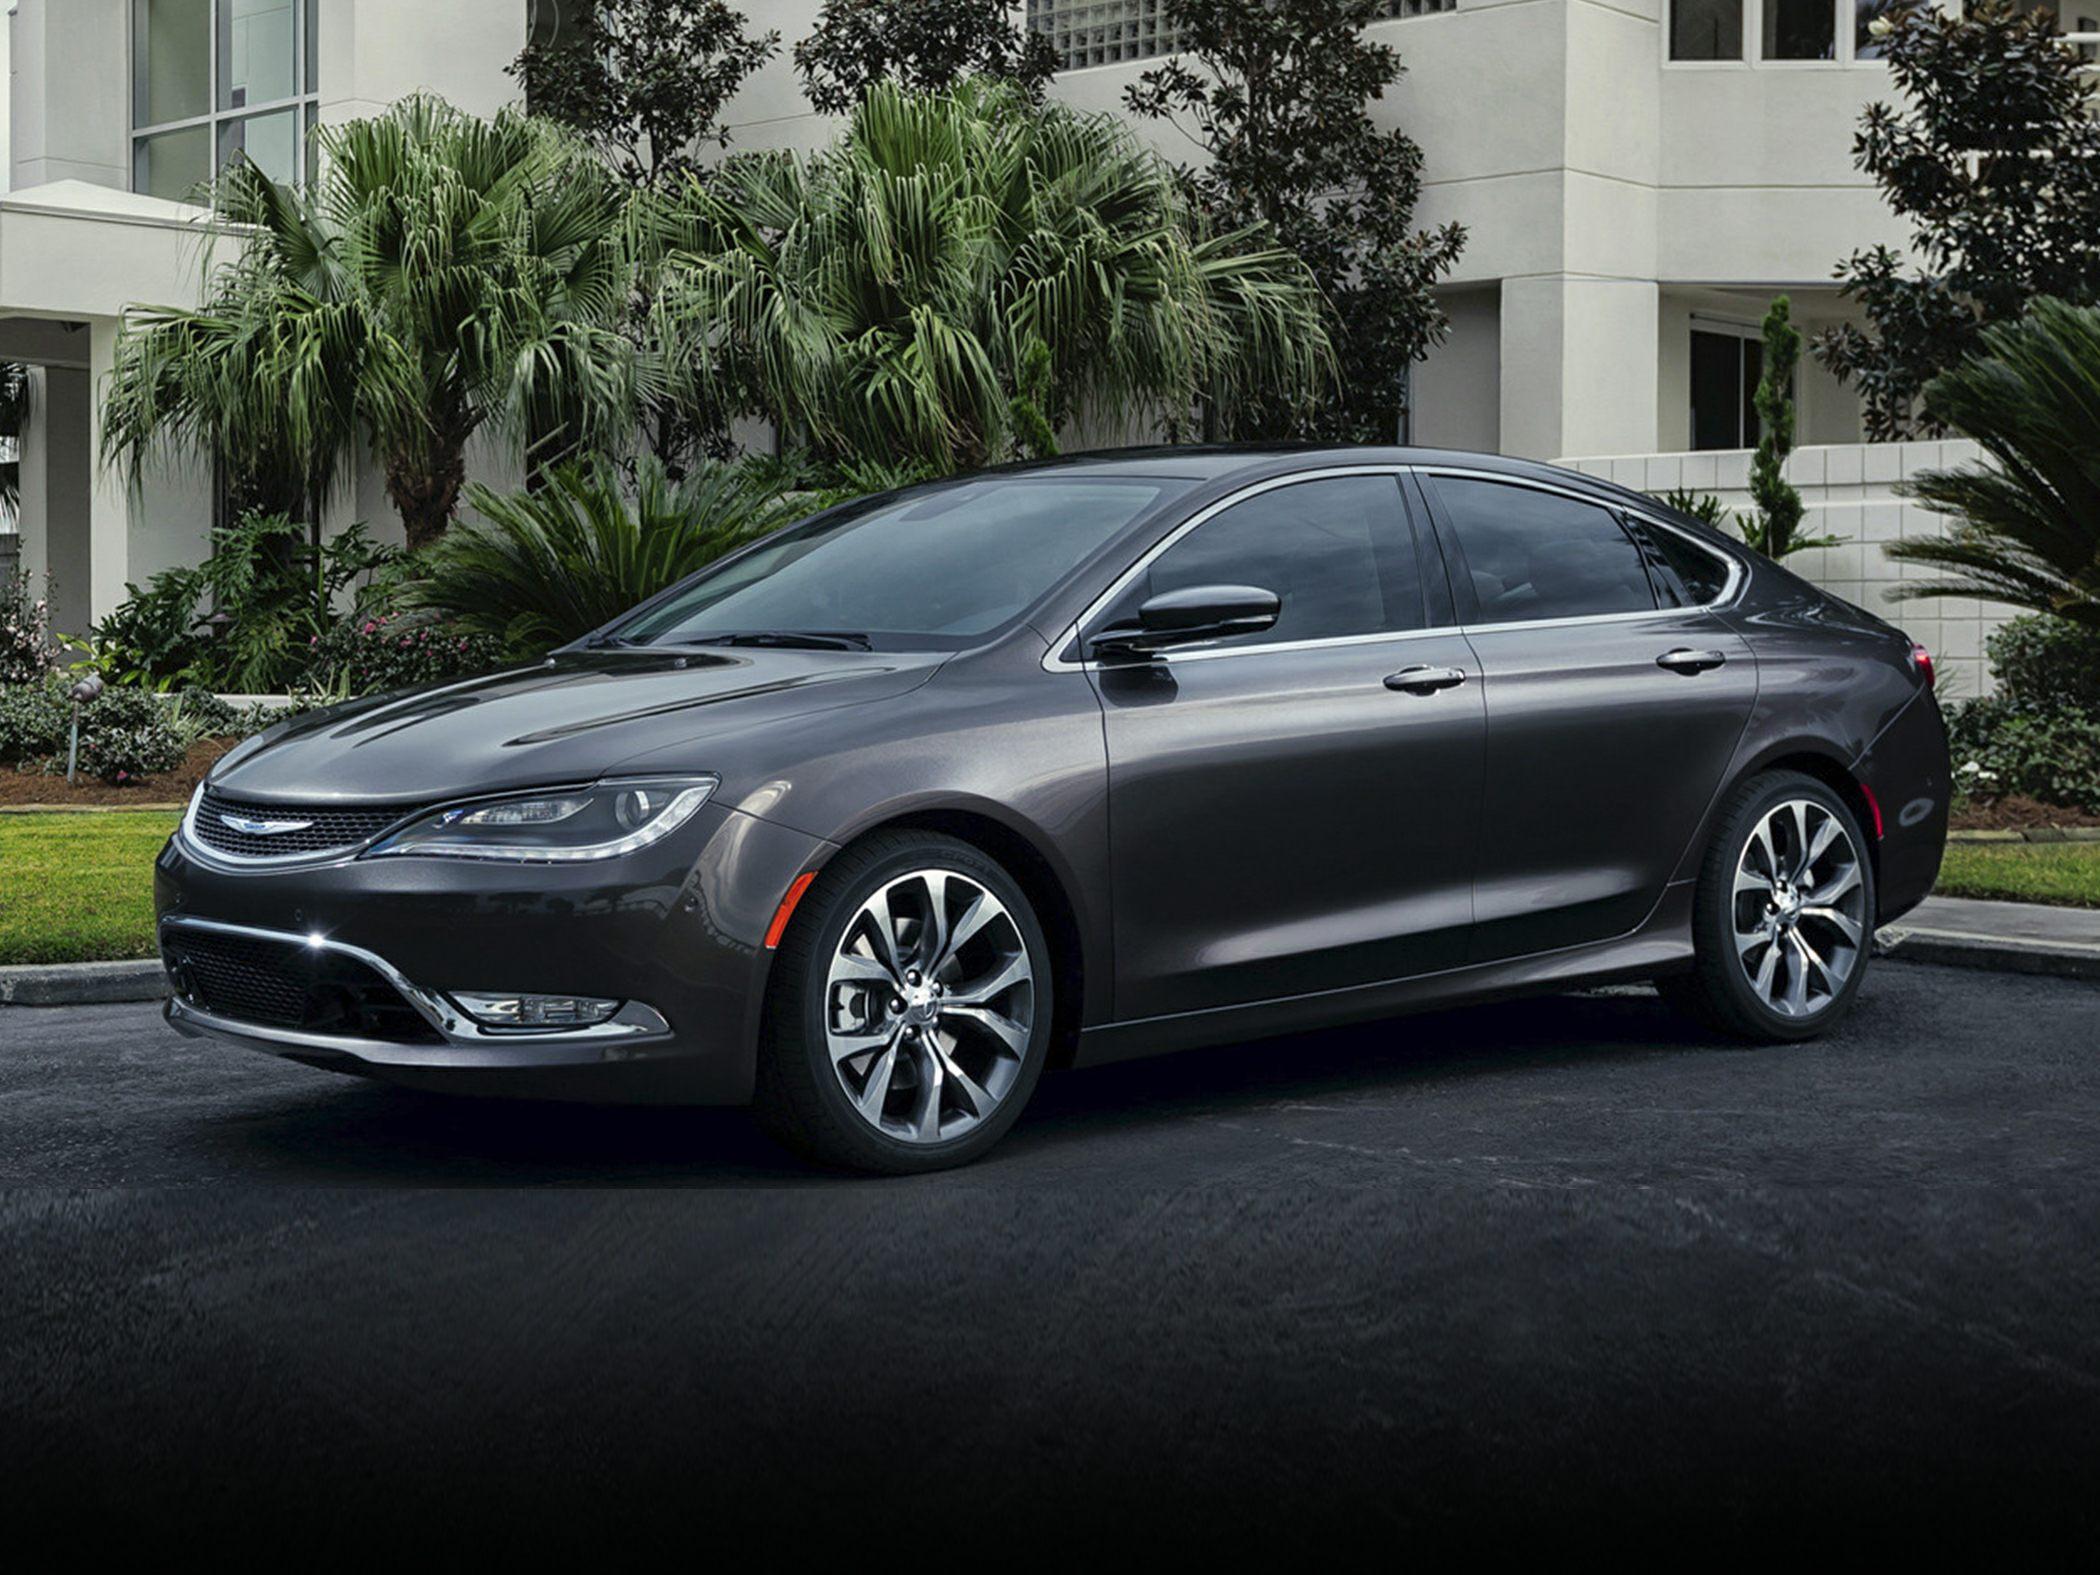 Chrysler 200 II 2014 - 2016 Sedan #2